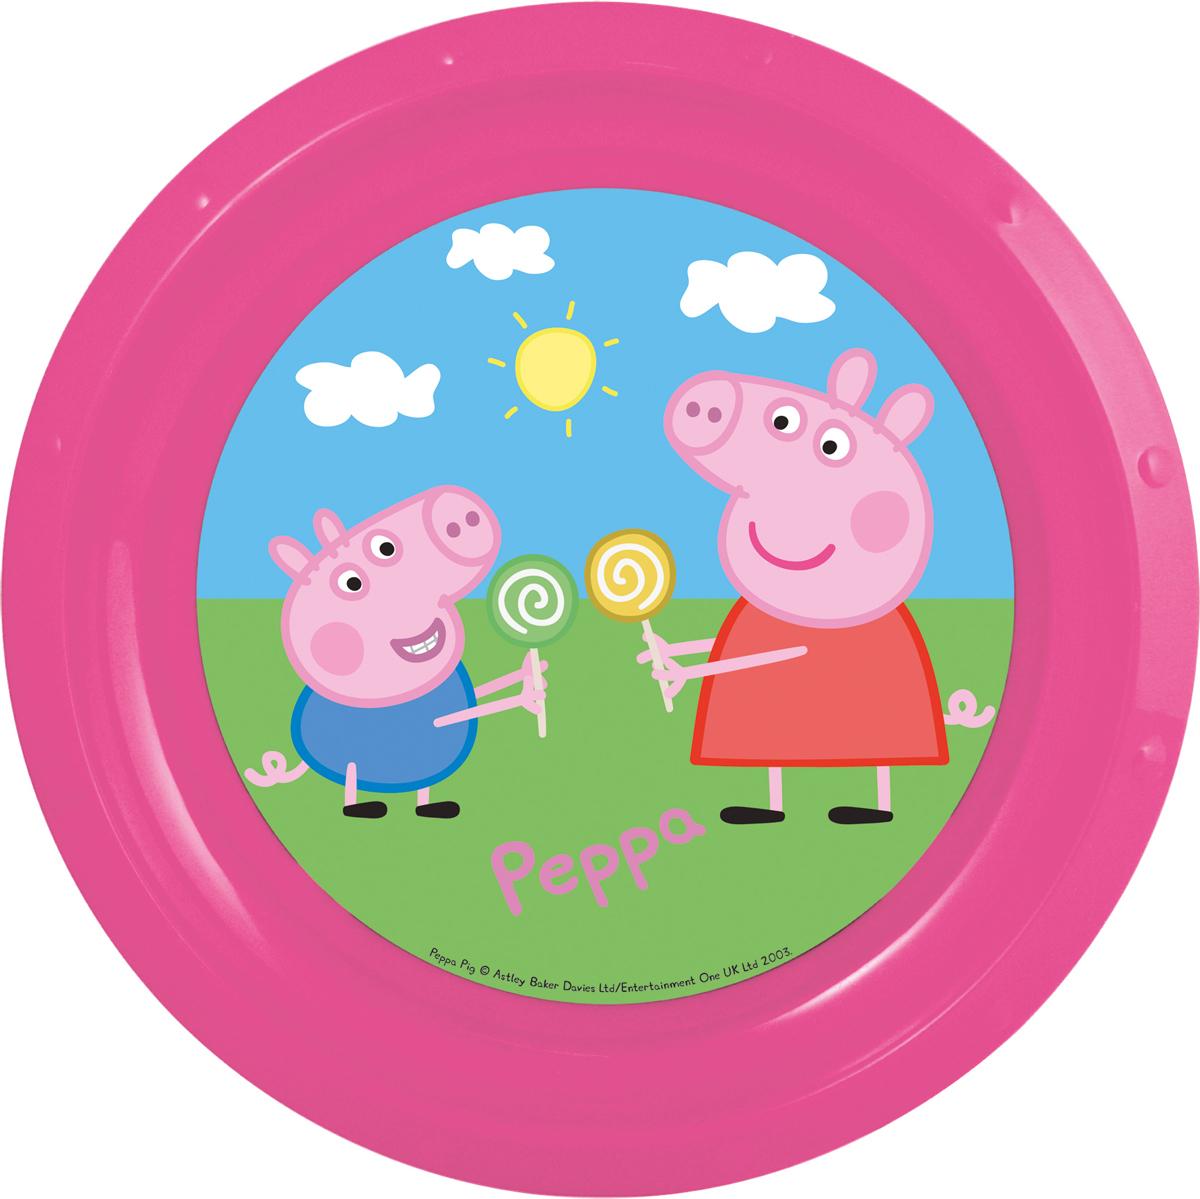 Peppa Pig Тарелка детская Свинка Пеппа52812Тарелка детская Свинка Пеппа диаметром 21,5 см.